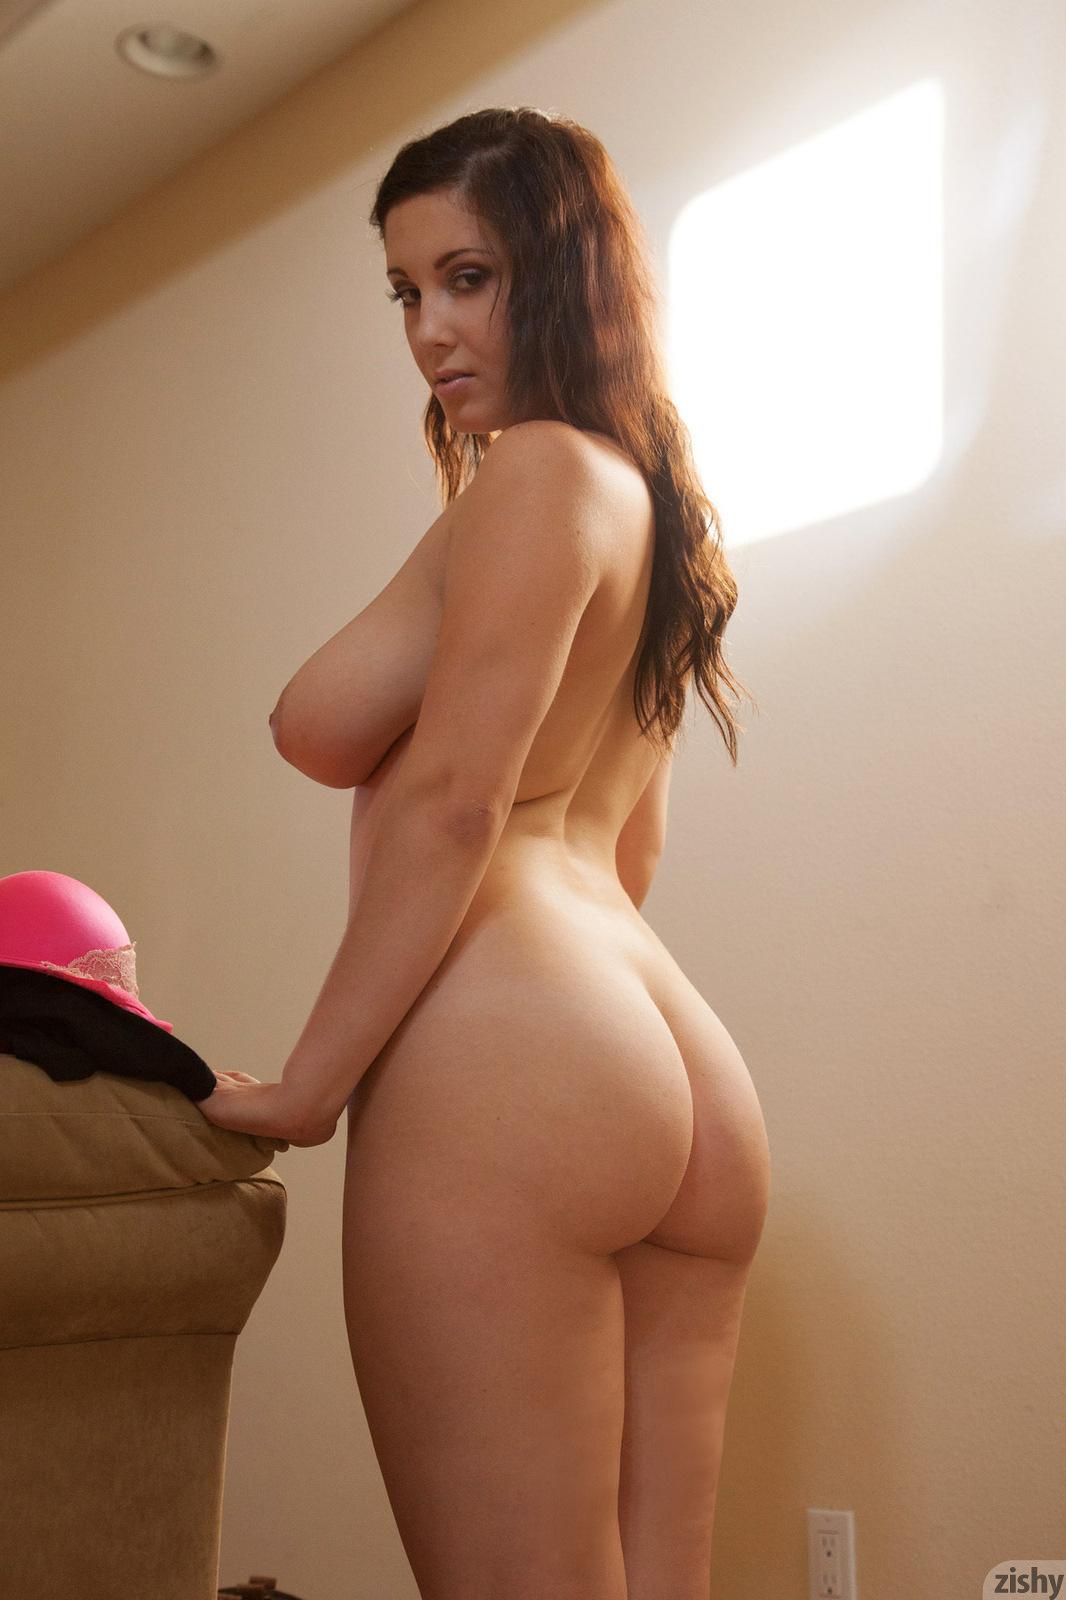 Неистовые толстухи с крупными попочками и грудями